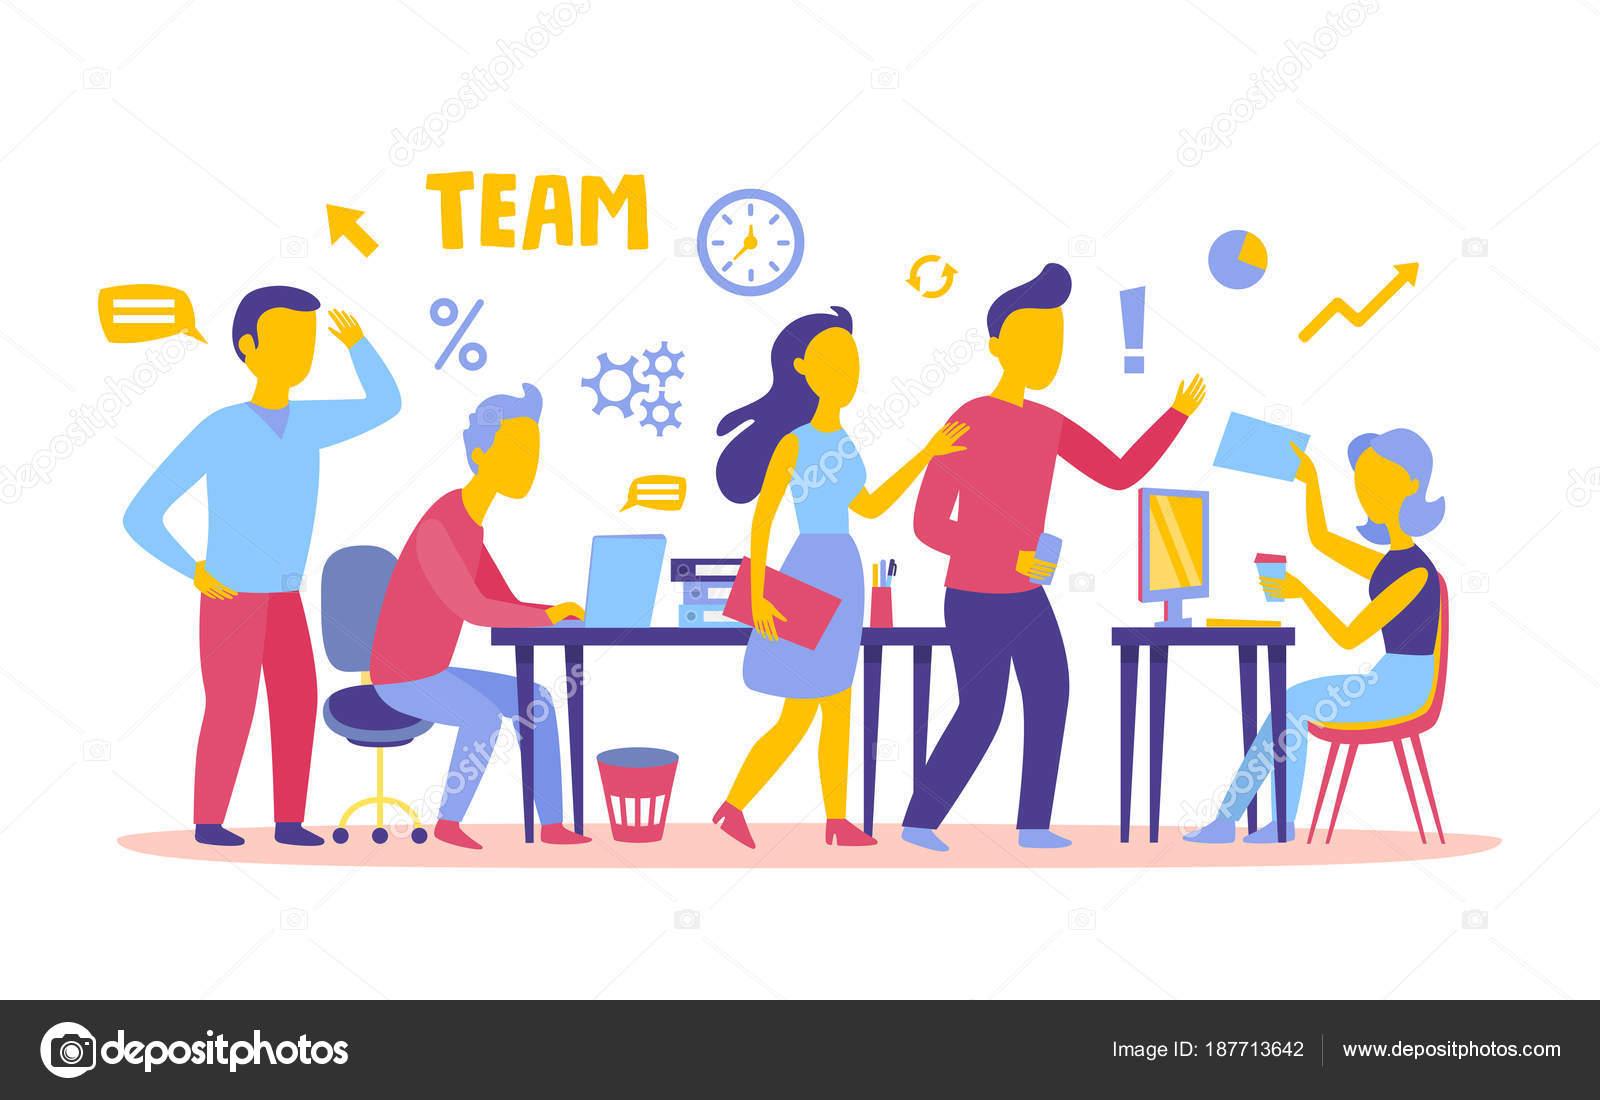 Imagenes De Personas Trabajando En Equipo: Negocios Personas Trabajo En